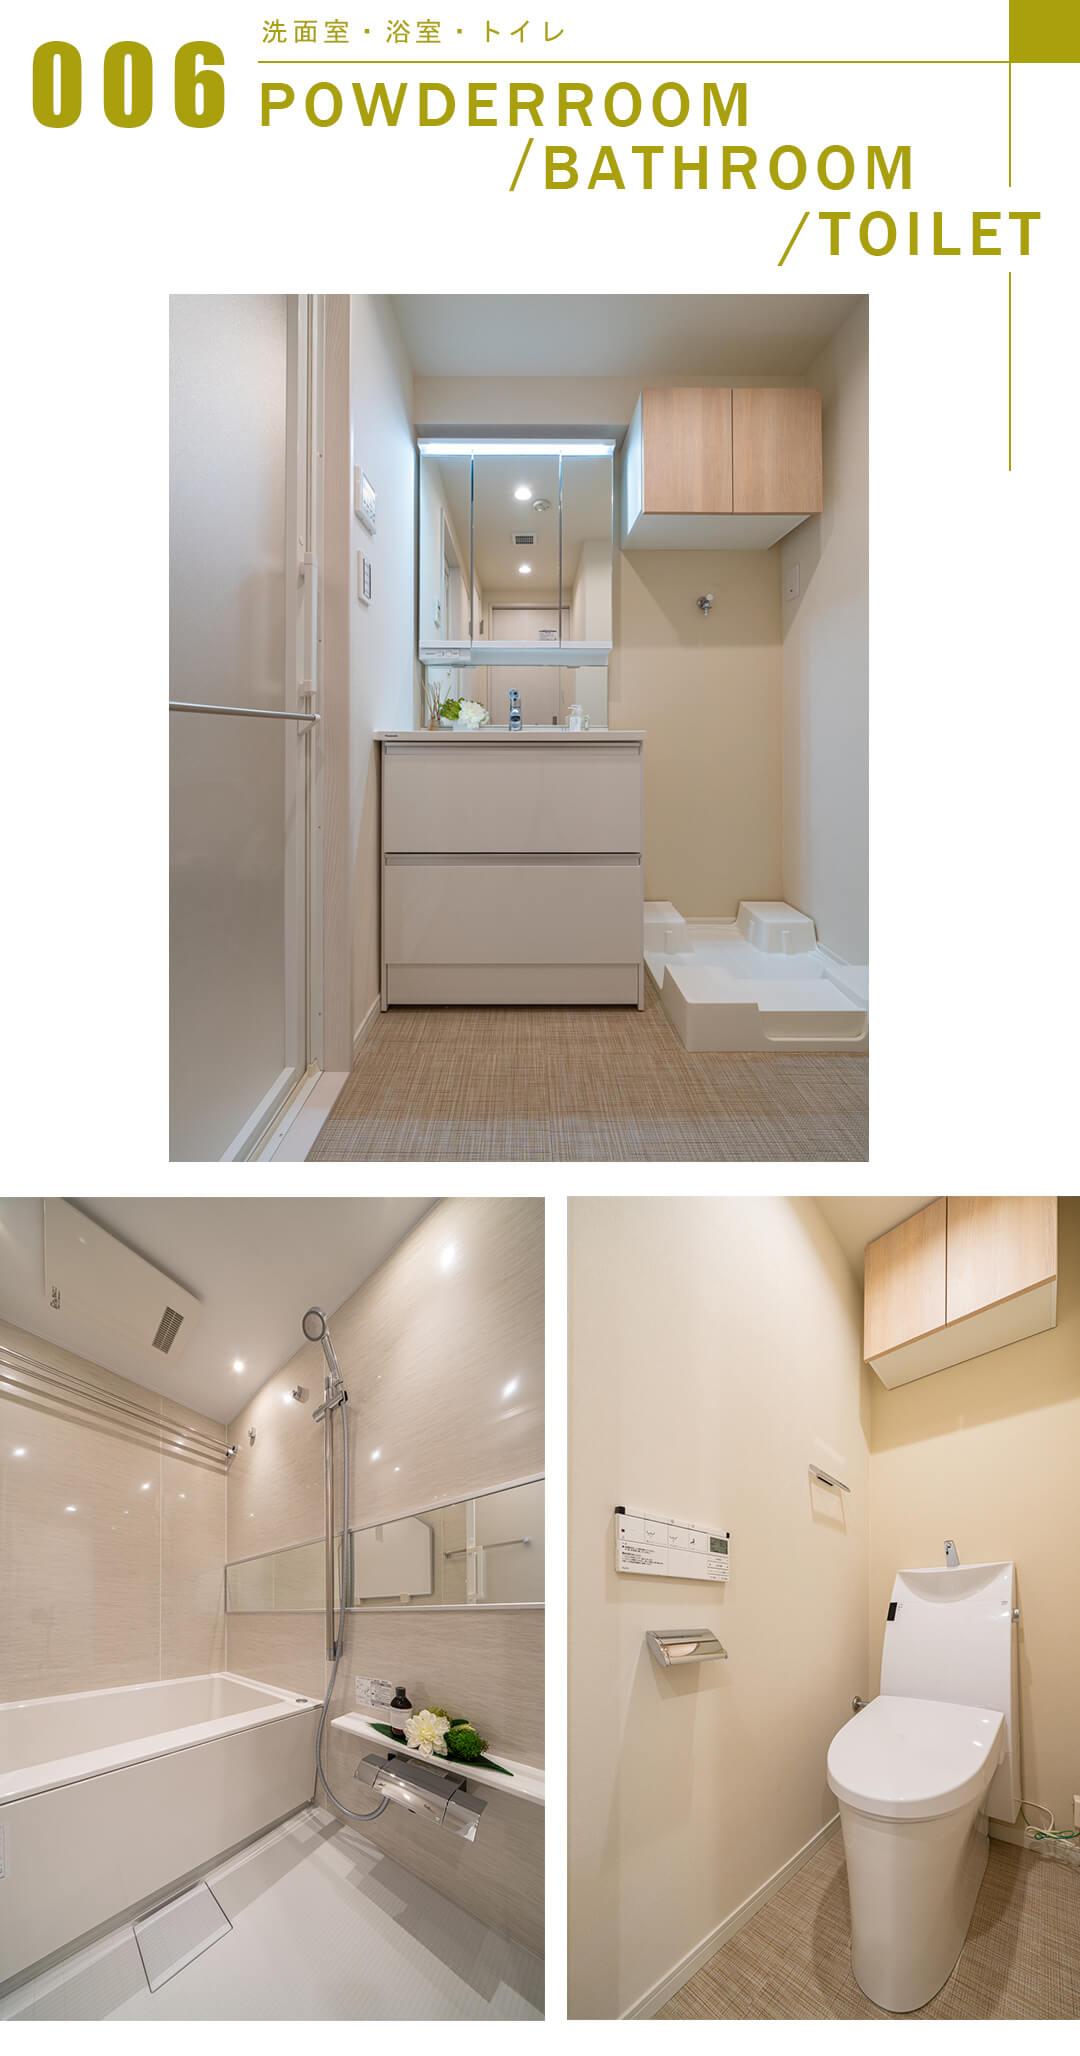 日神デュオステージ新宿中落合の洗面室と浴室とトイレ